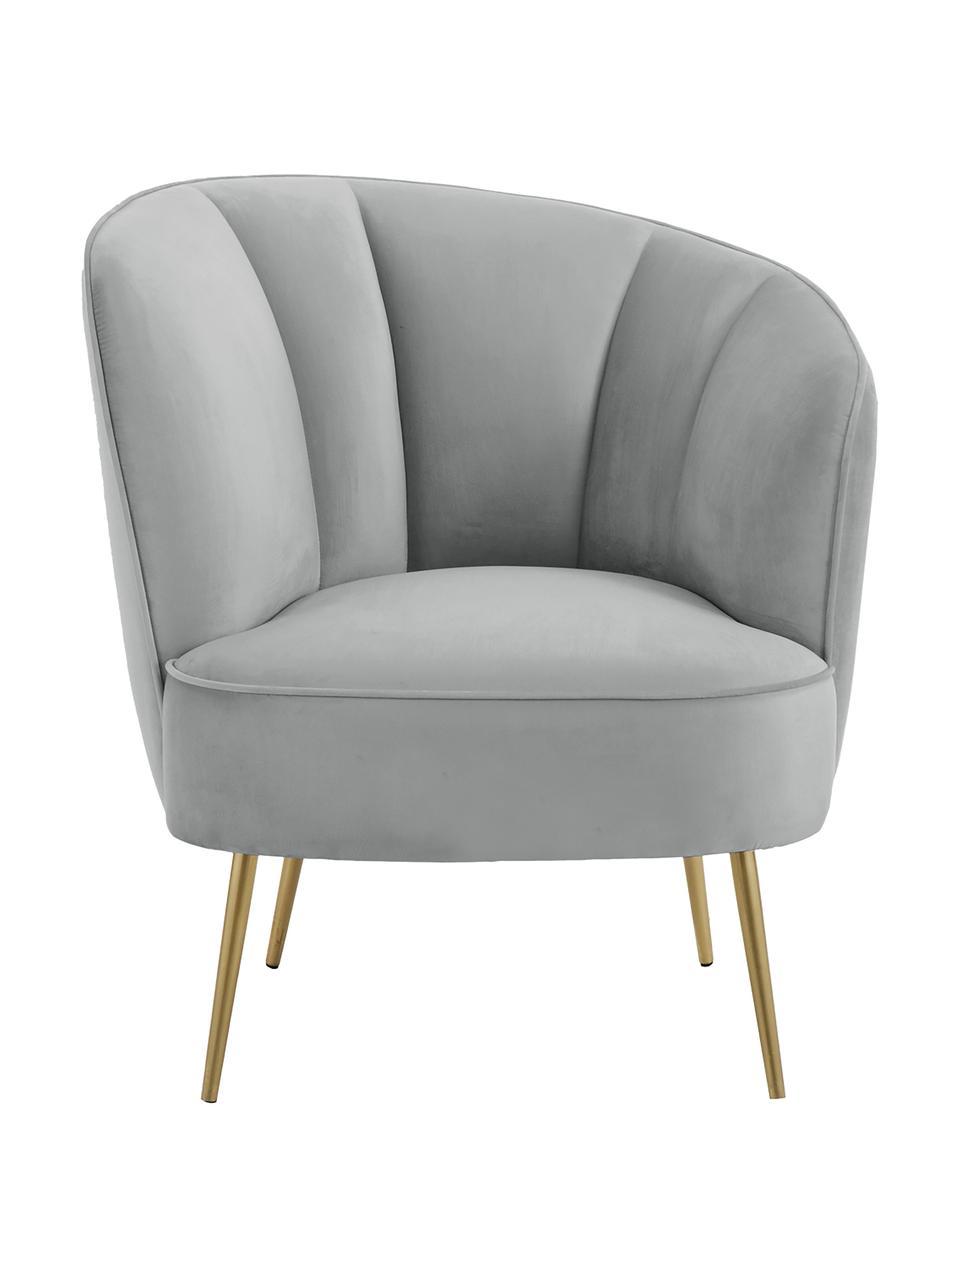 Fluwelen fauteuil Louise in lichtgrijs, Bekleding: fluweel (polyester), Poten: gecoat metaal, Bekleding: lichtgrijs. Poten: glanzend geborsteld goudkleurig, B 76 x D 74 cm